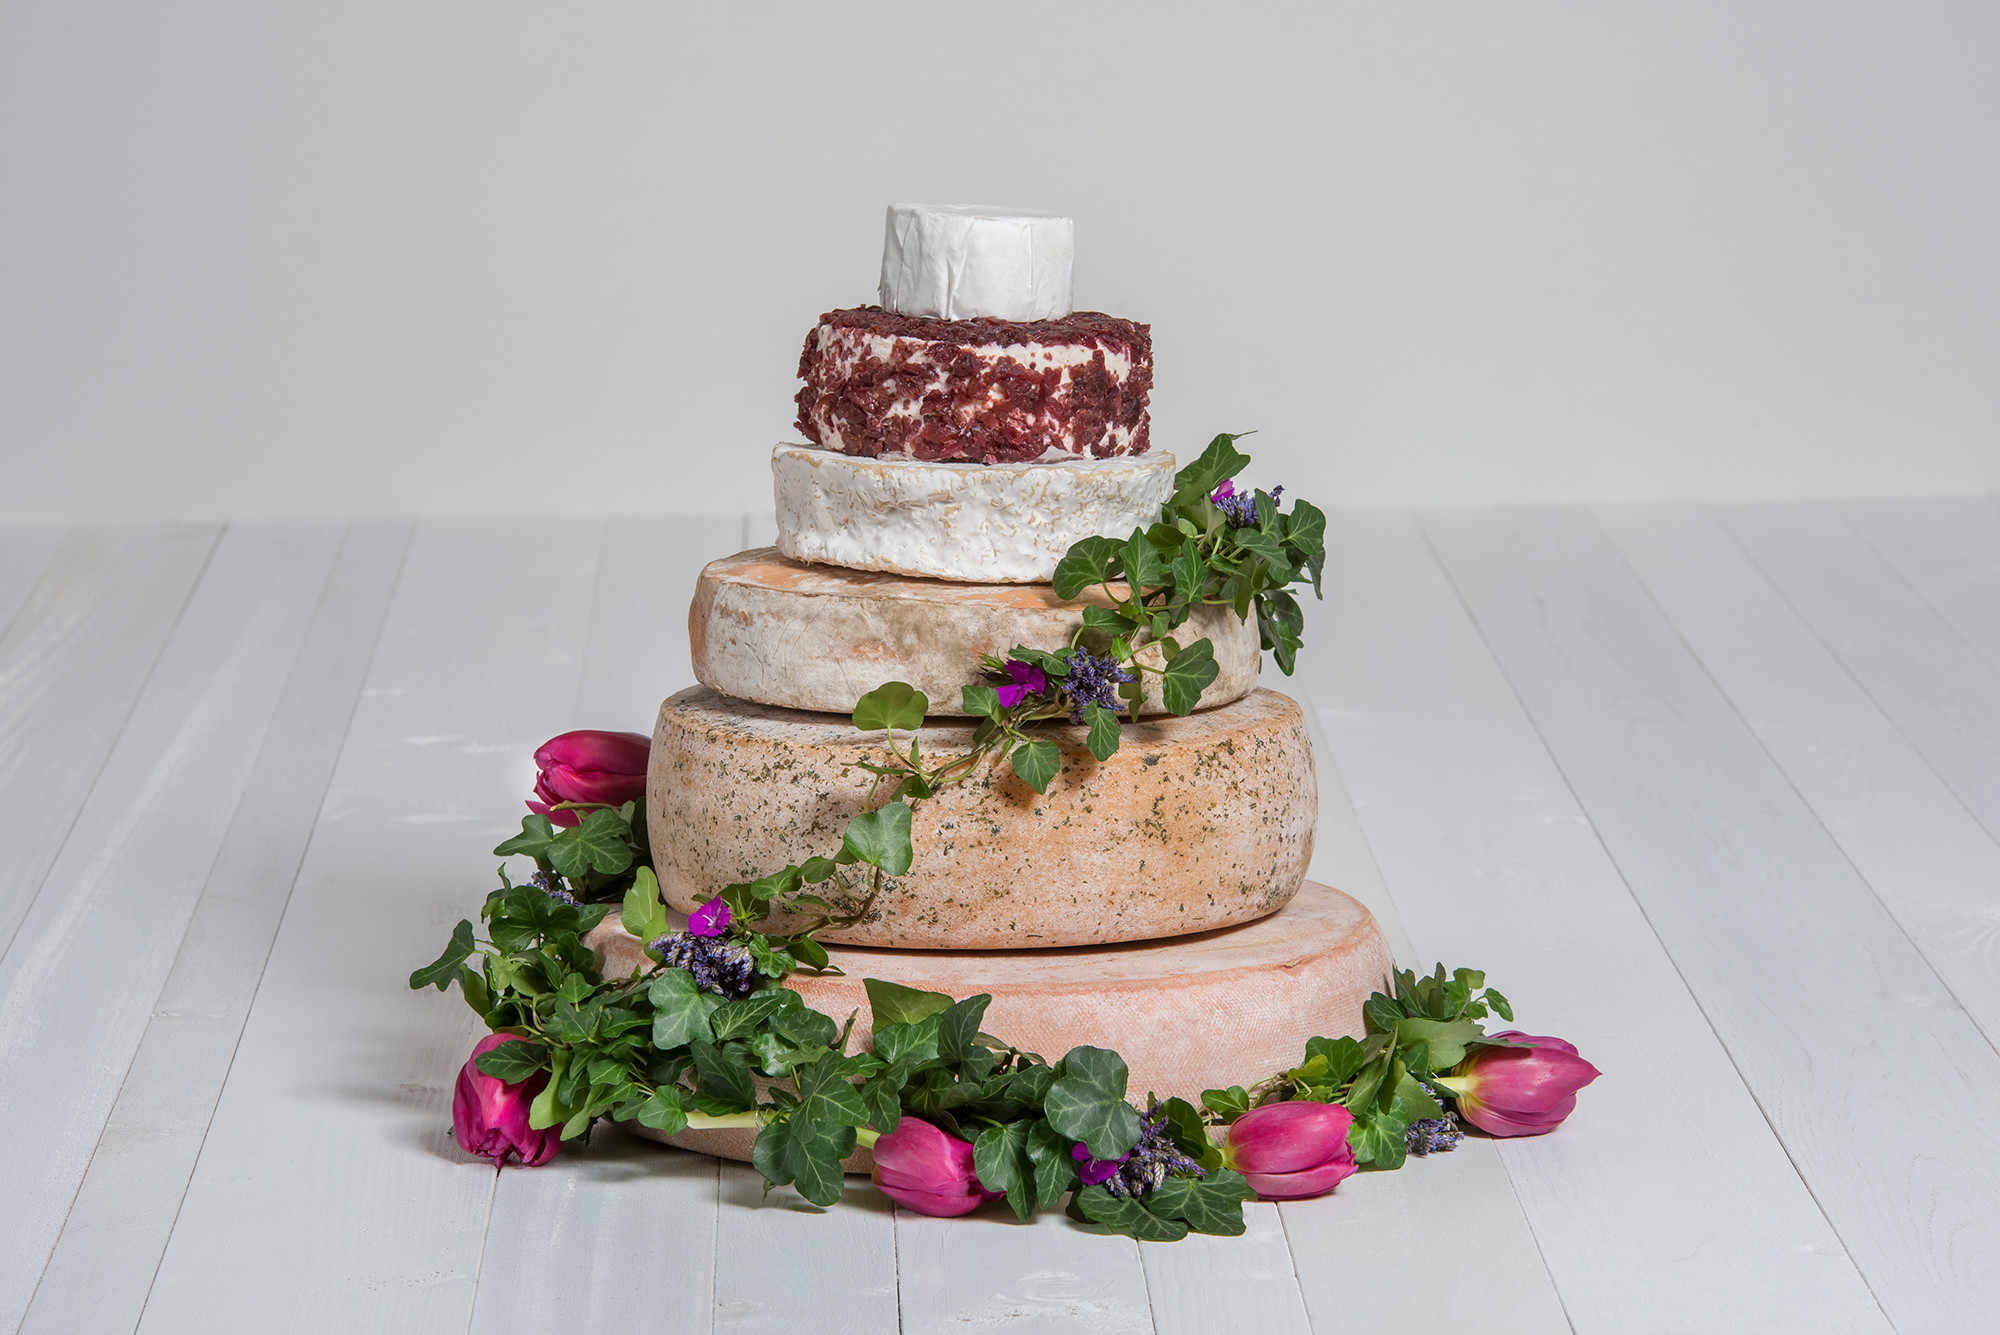 Victoria | Käse-Hochzeitstorte